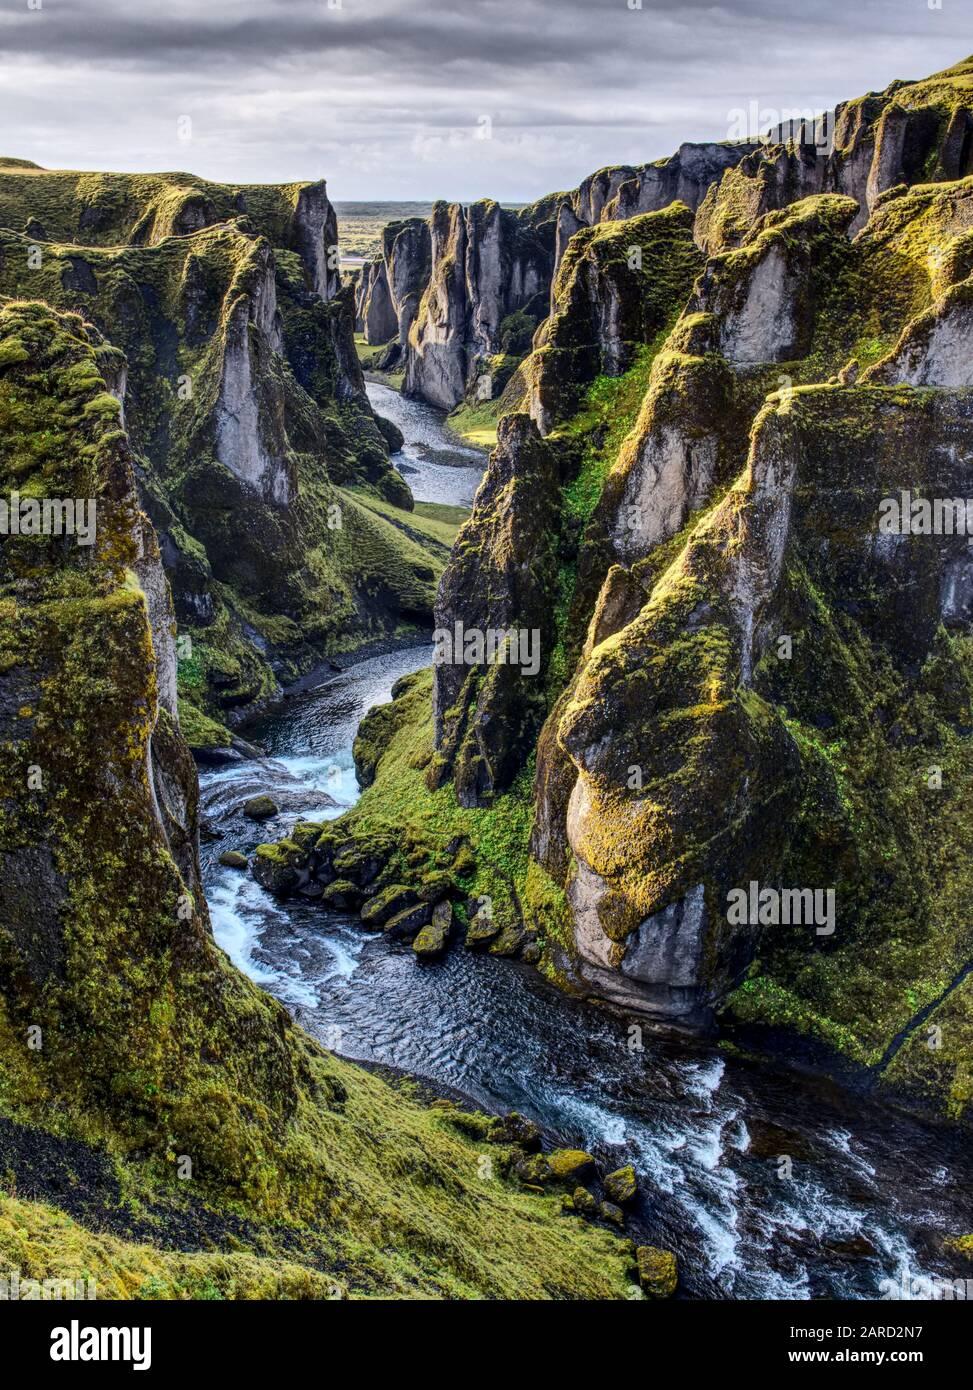 Ein Blick in die Schlucht Fjaðrárgljúfur in Island. Das Wasser gräbt sich weiter seinen Weg. Stock Photo